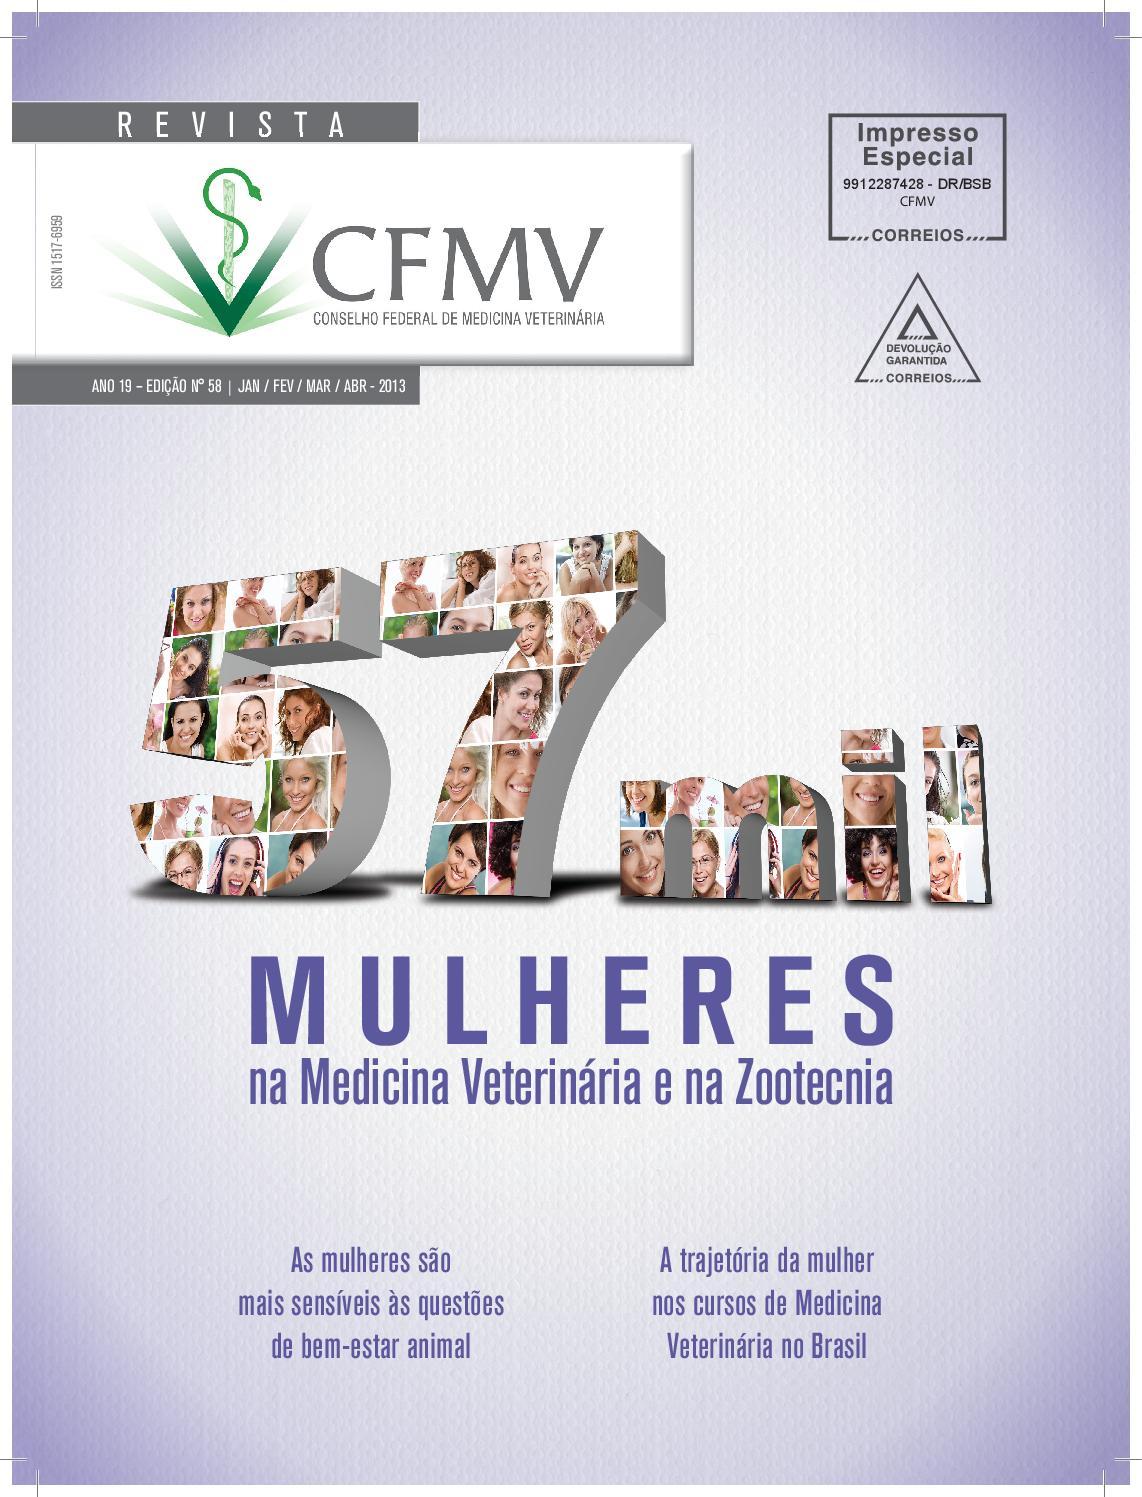 Cfmv 58 grafica by Assessoria de Comunicação - issuu b22b0052b4e00